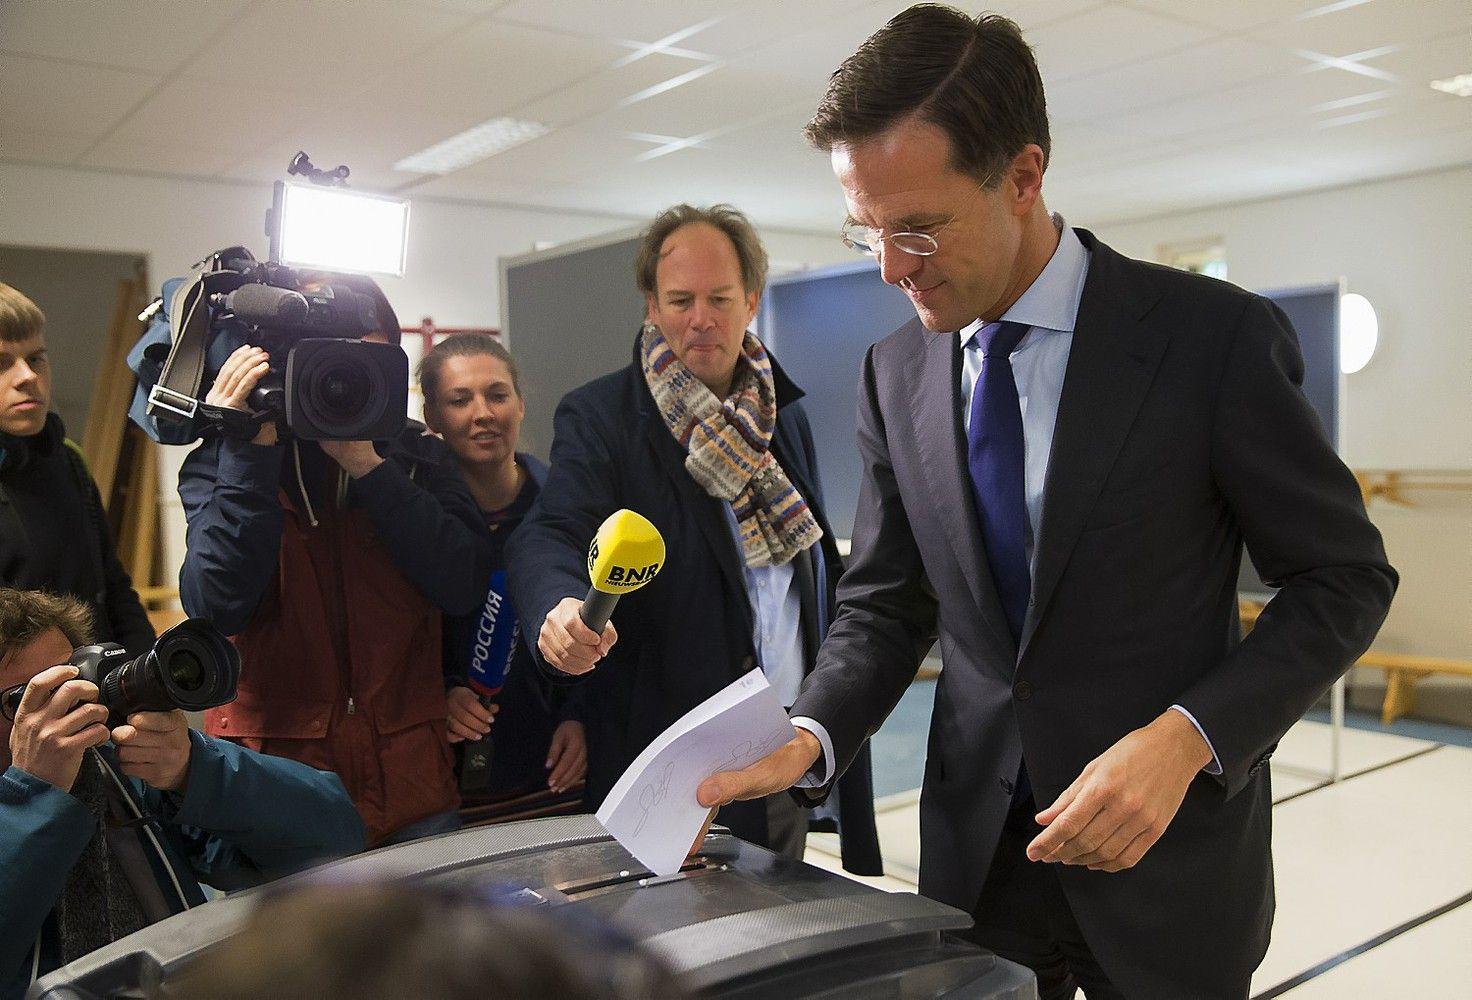 Nyderlandai galiausiai ratifikavo ES irUkrainos asociacijos sutartį